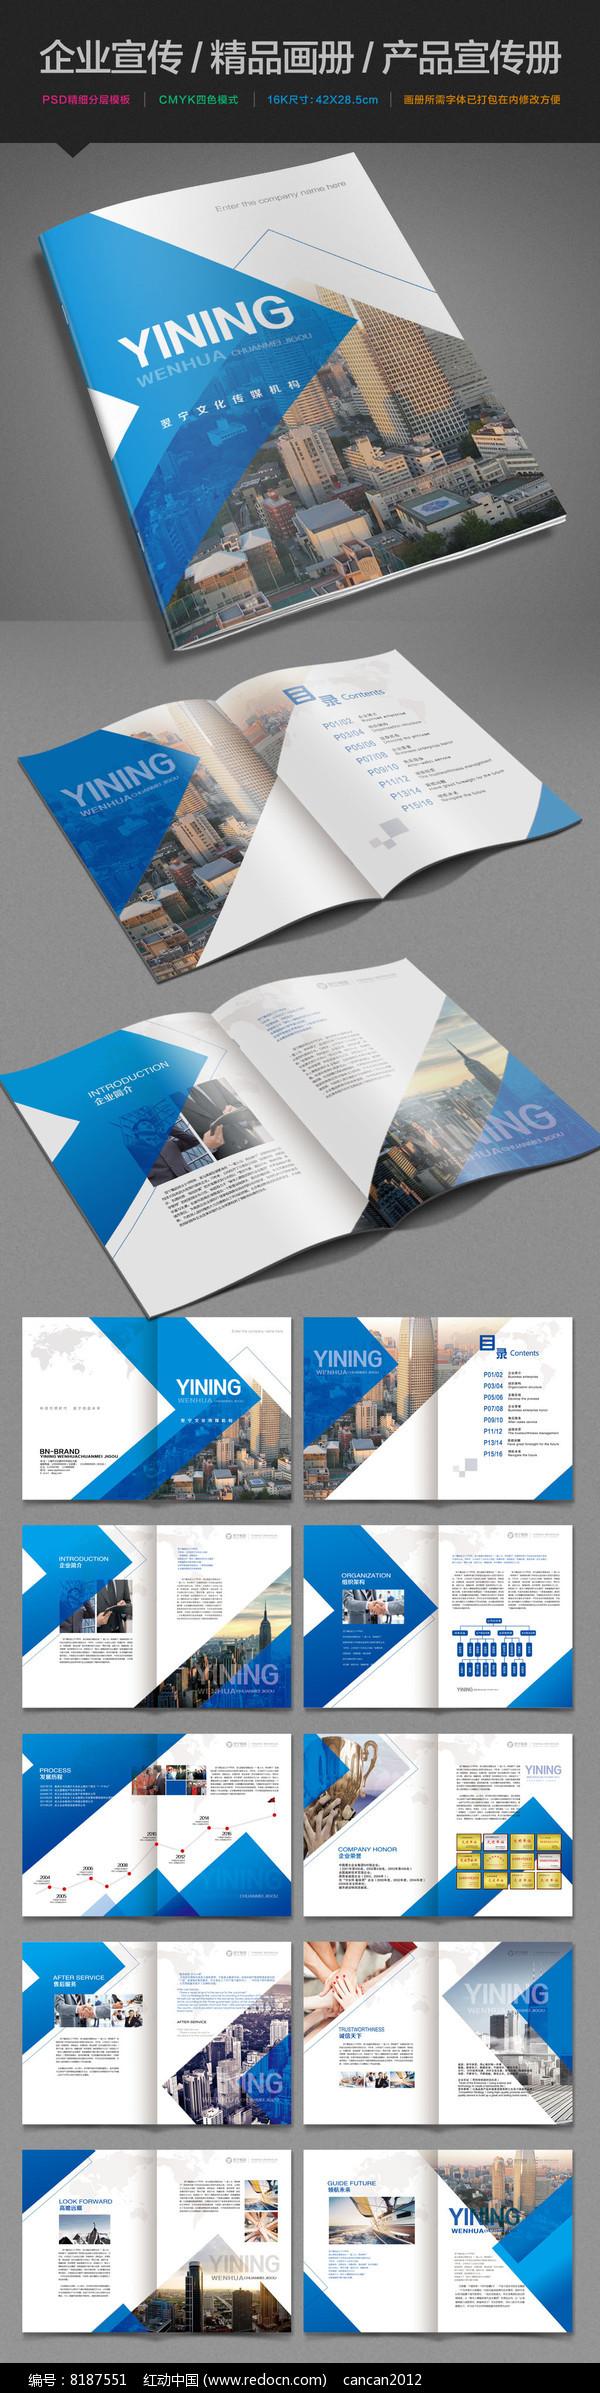 企业画册设计企业宣传册企业文化PSD模板图片